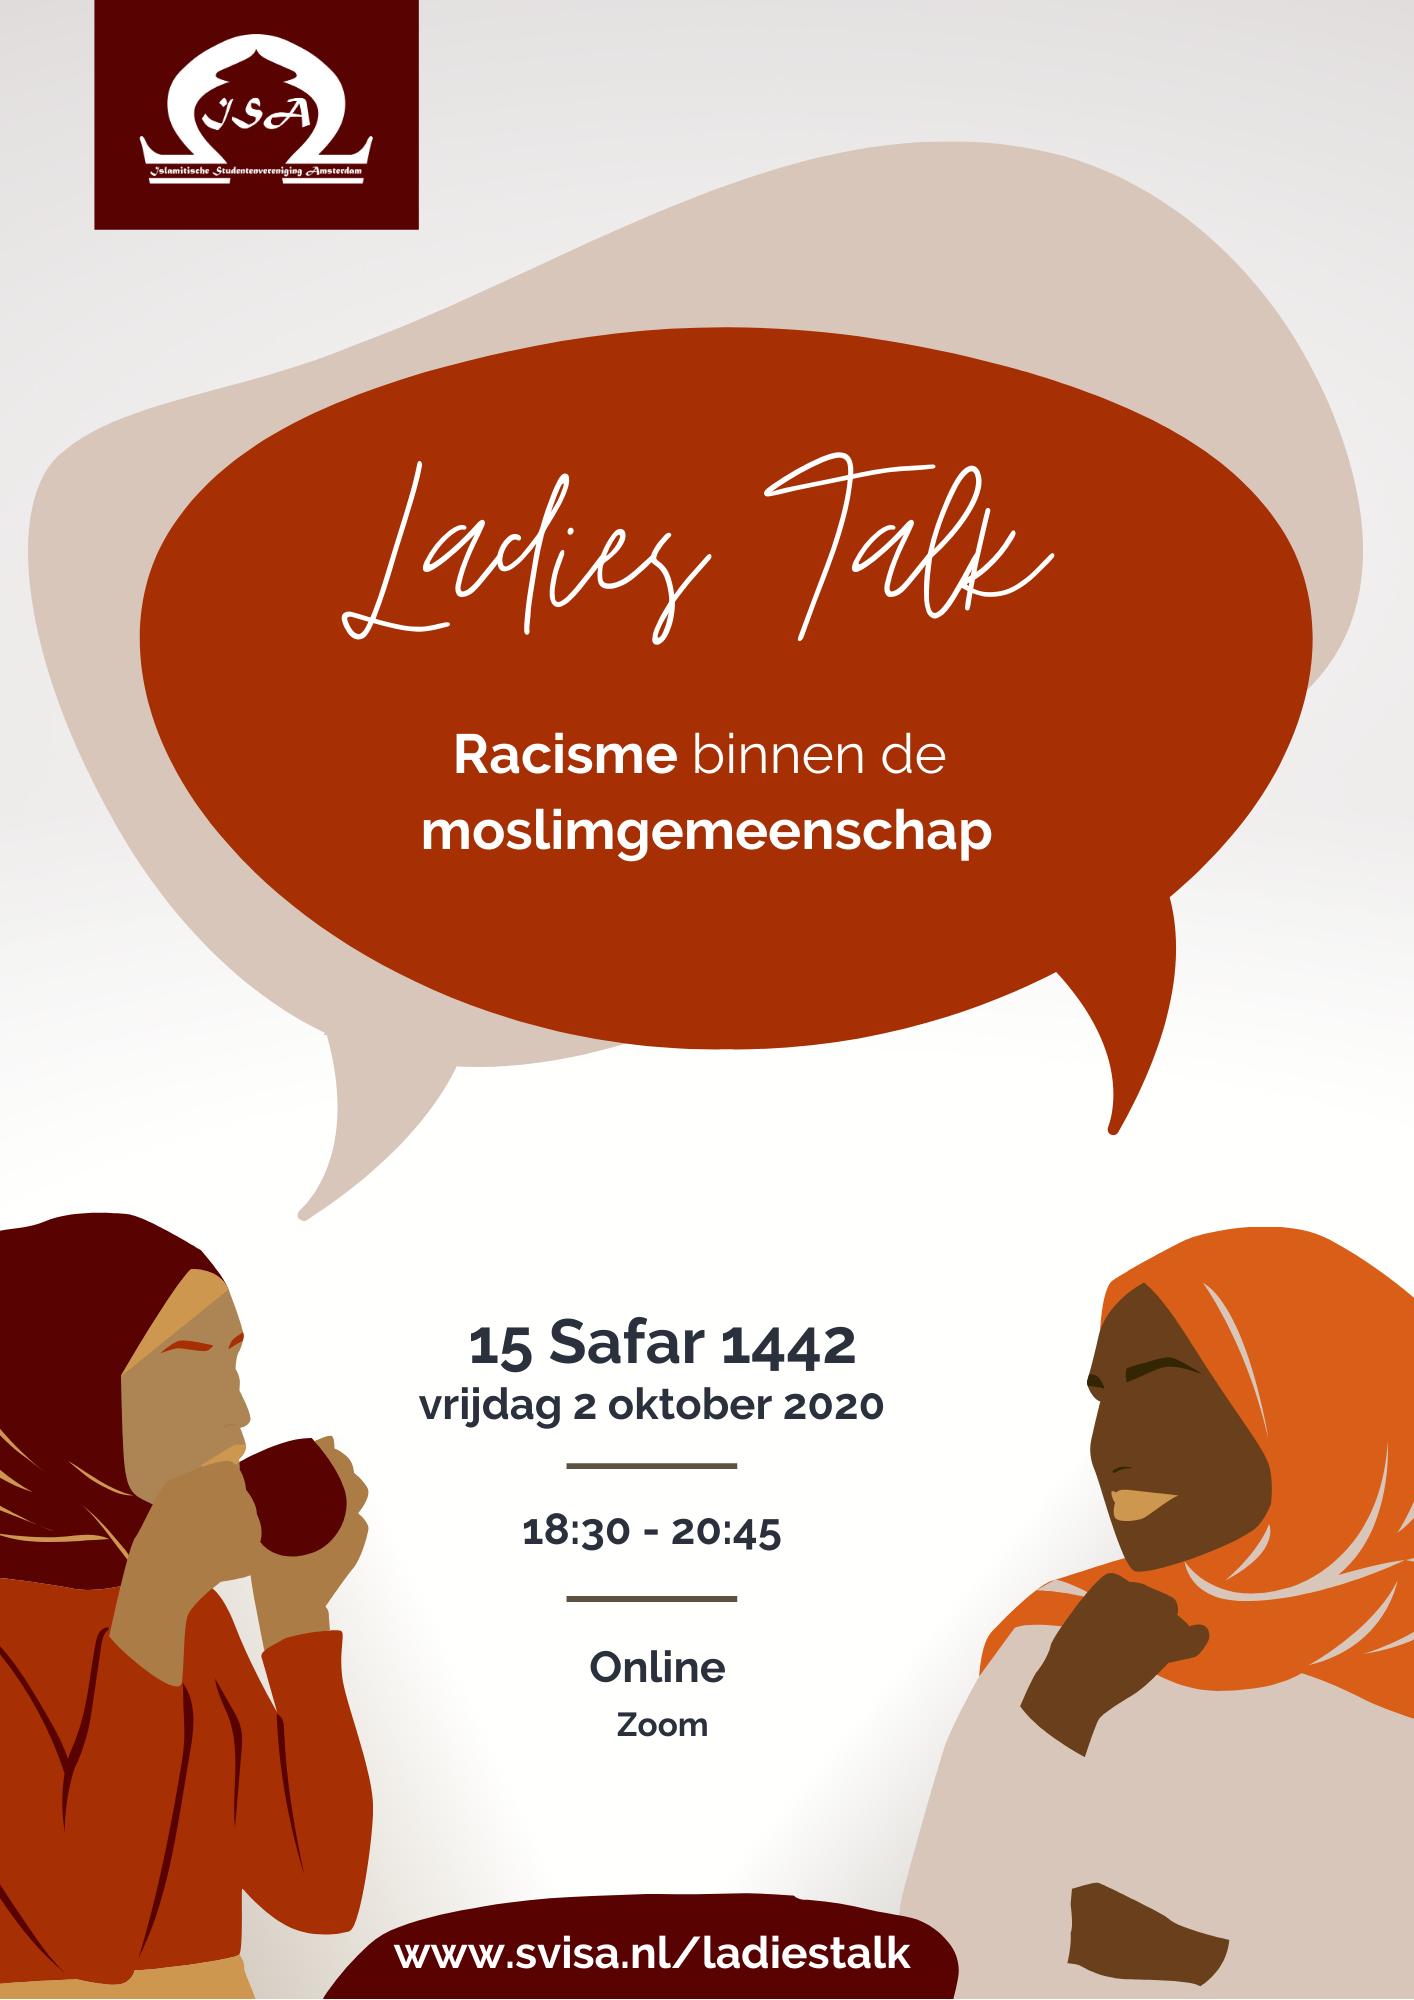 ladies-talk-racisme-binnen-de-moslimgemeenschap